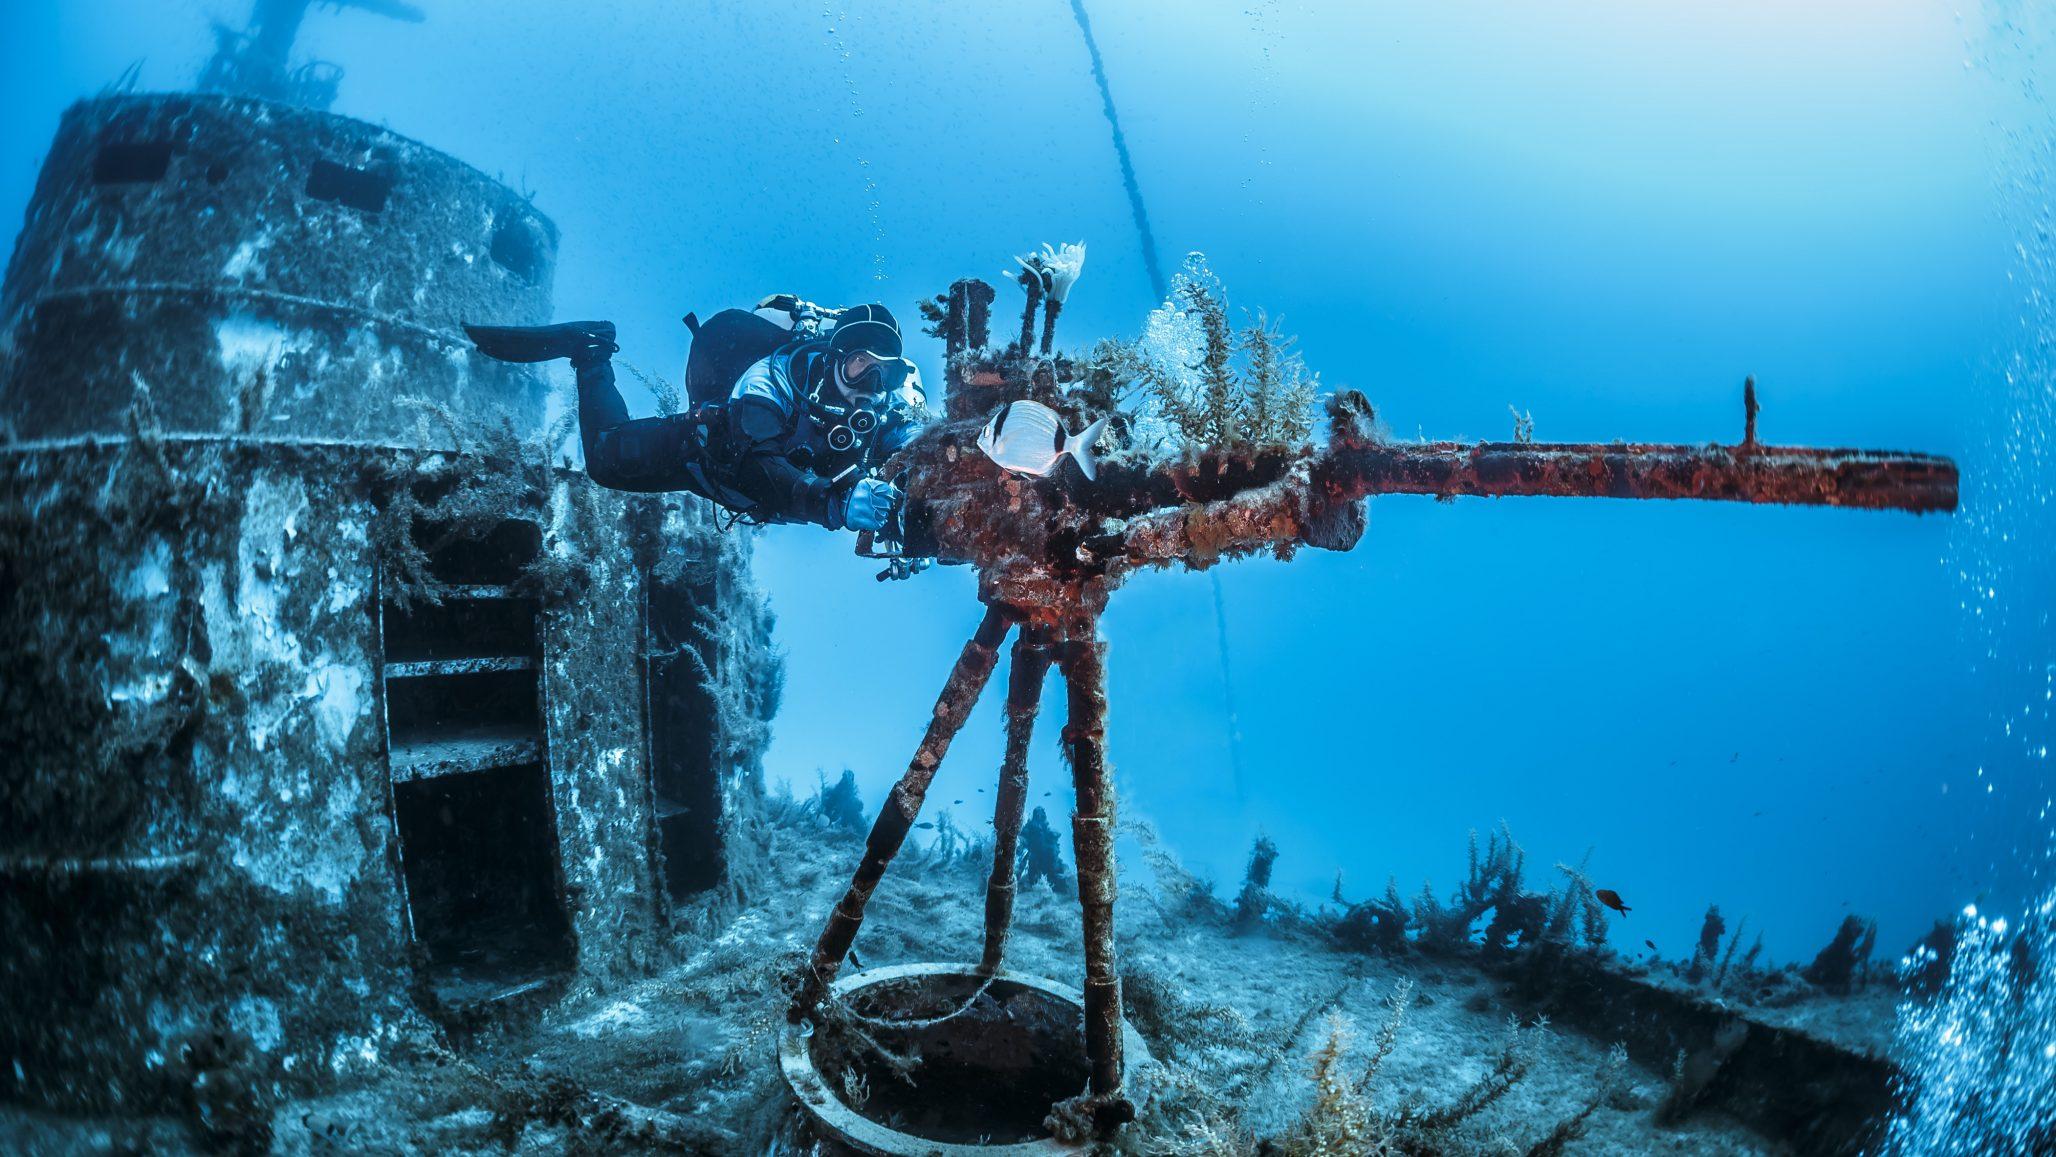 Wreck Dive Site Malta